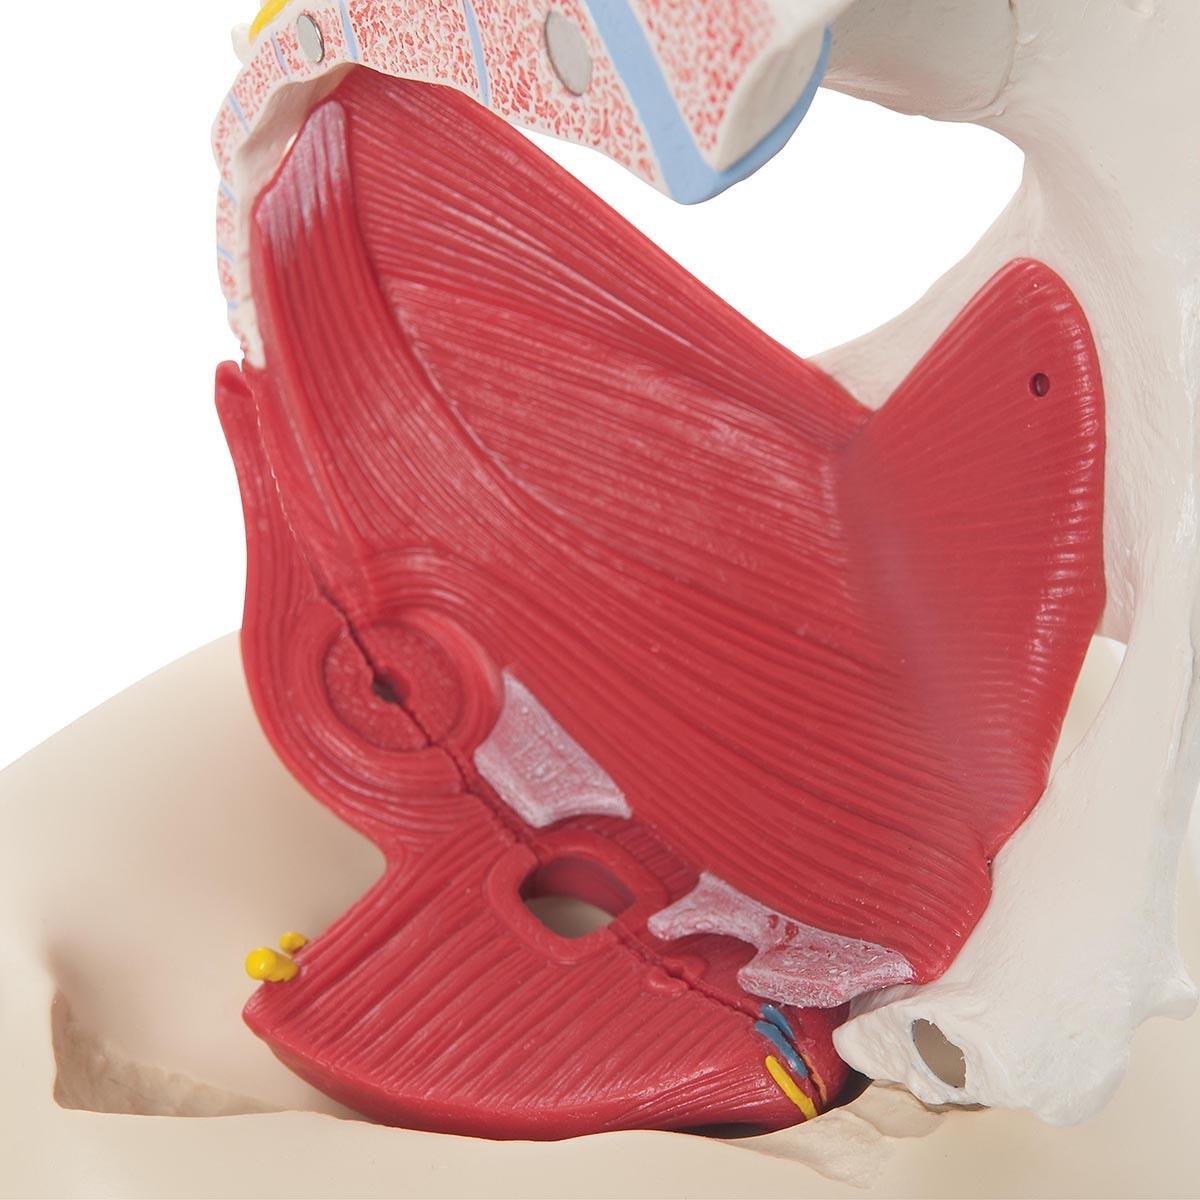 kvindelig bækkenmodel med ligamenter og detaljeret bækkenbund i 6 dele